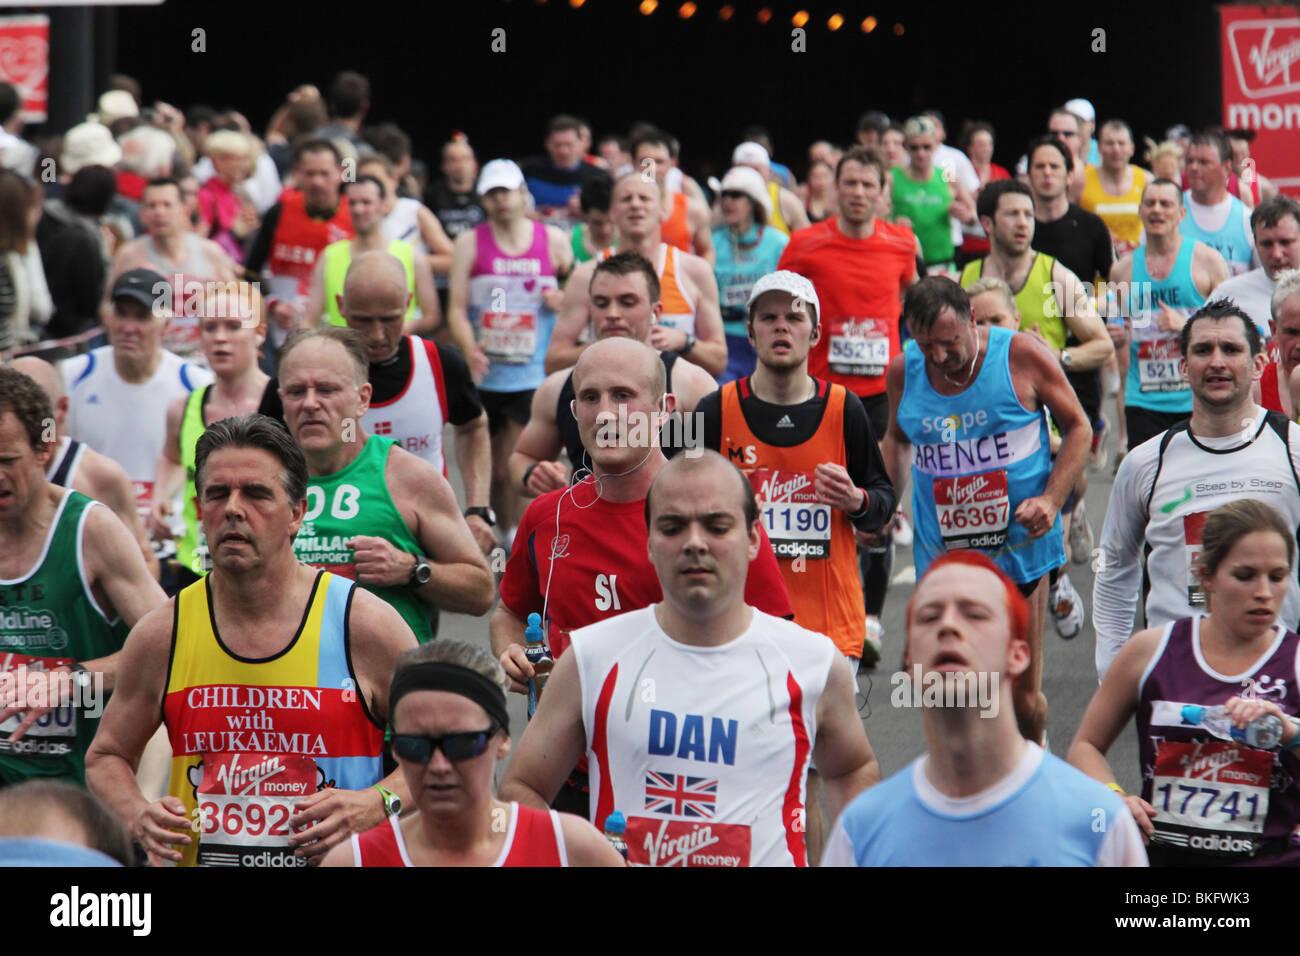 Glissières de la concurrence dans le Marathon de Londres 2010. Photos prises sur le côté nord de Photo Stock